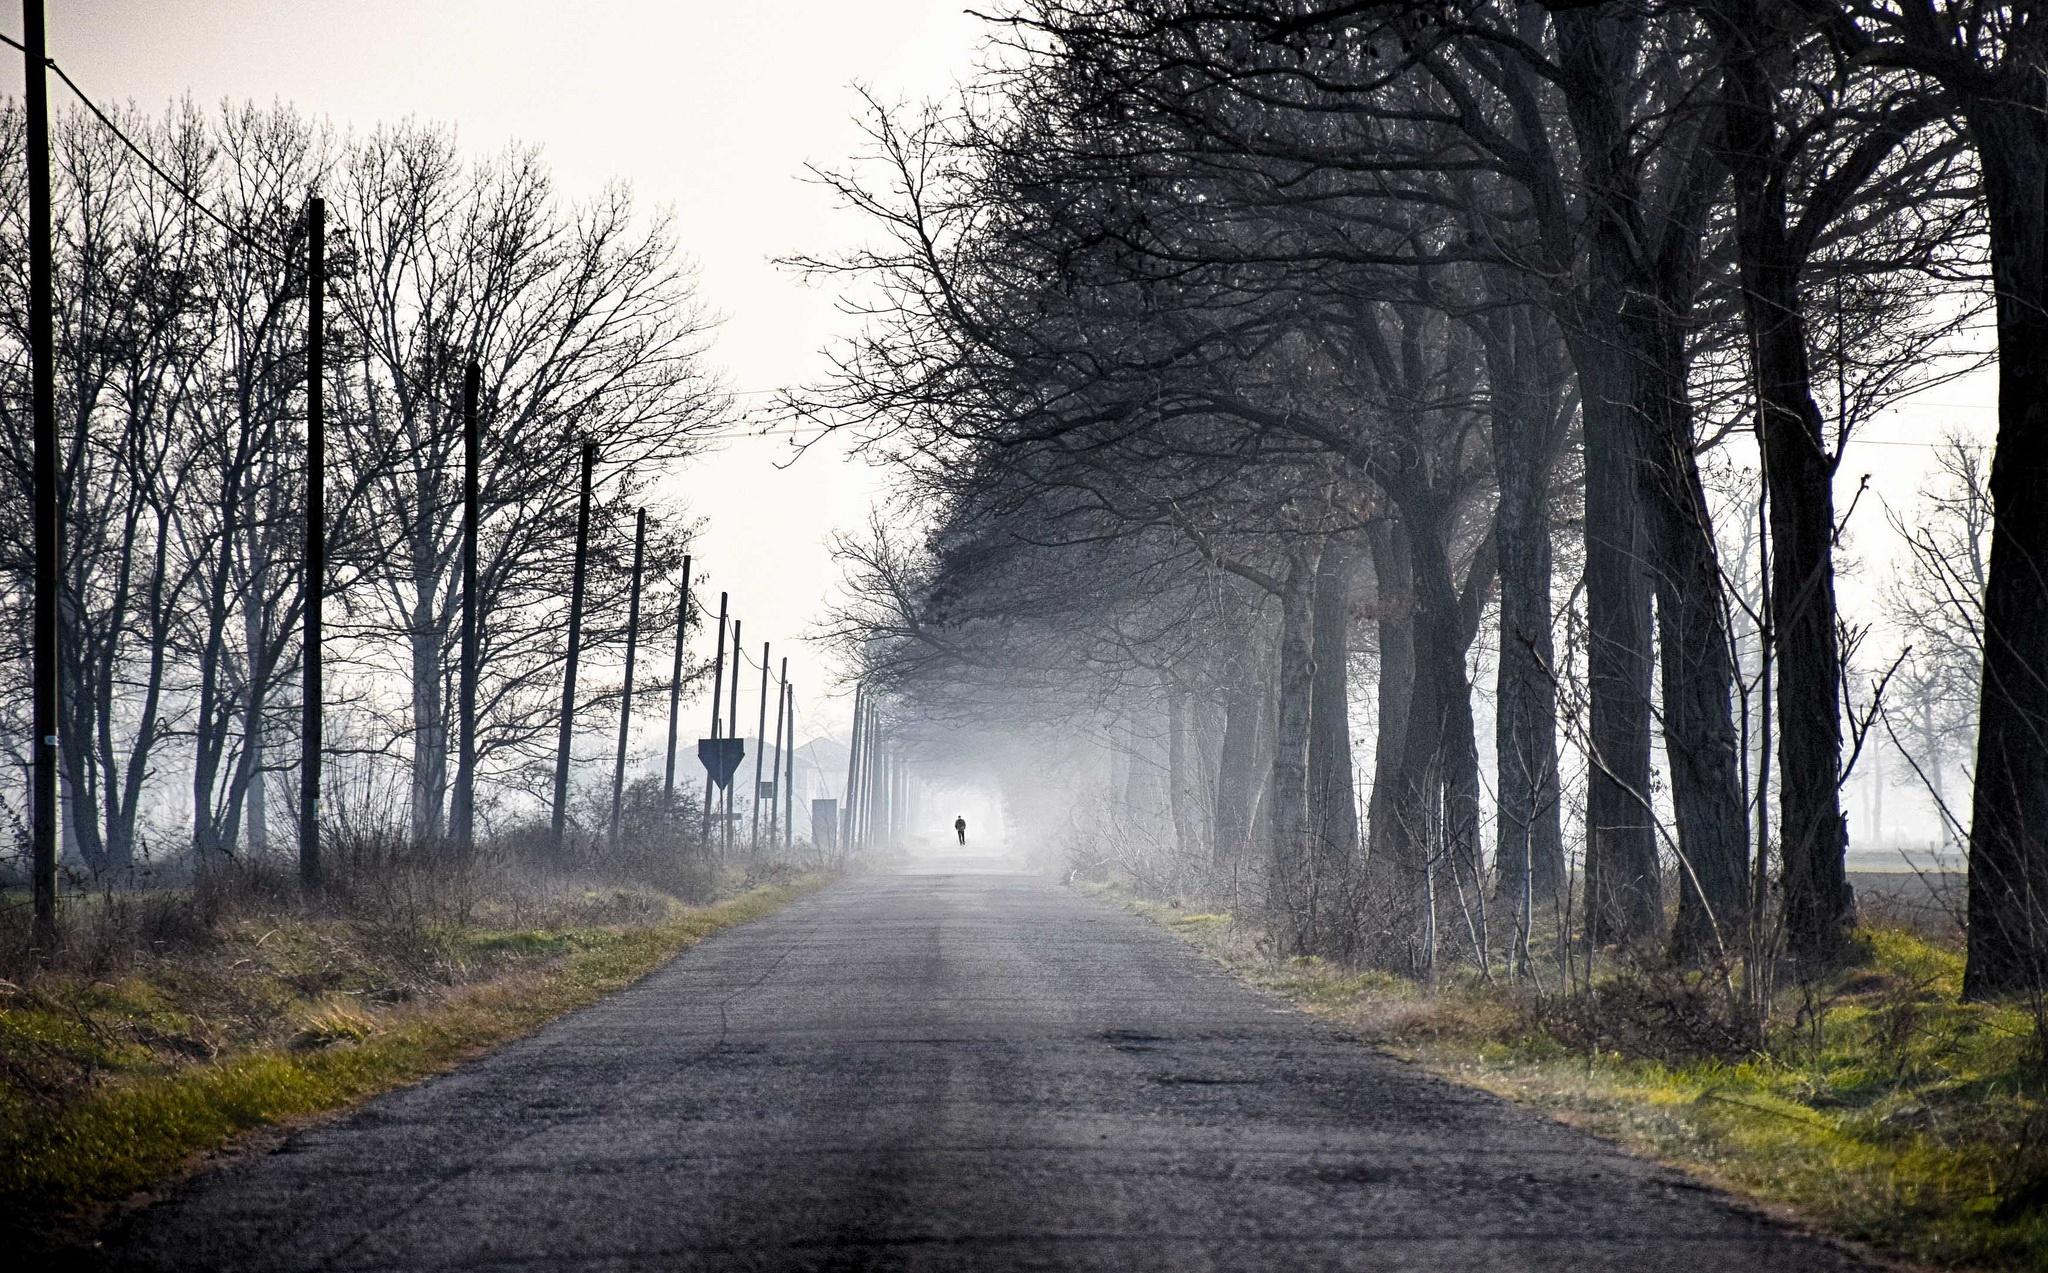 прическа красивые картинки дорога в тумане выбор попадают внешнюю среду